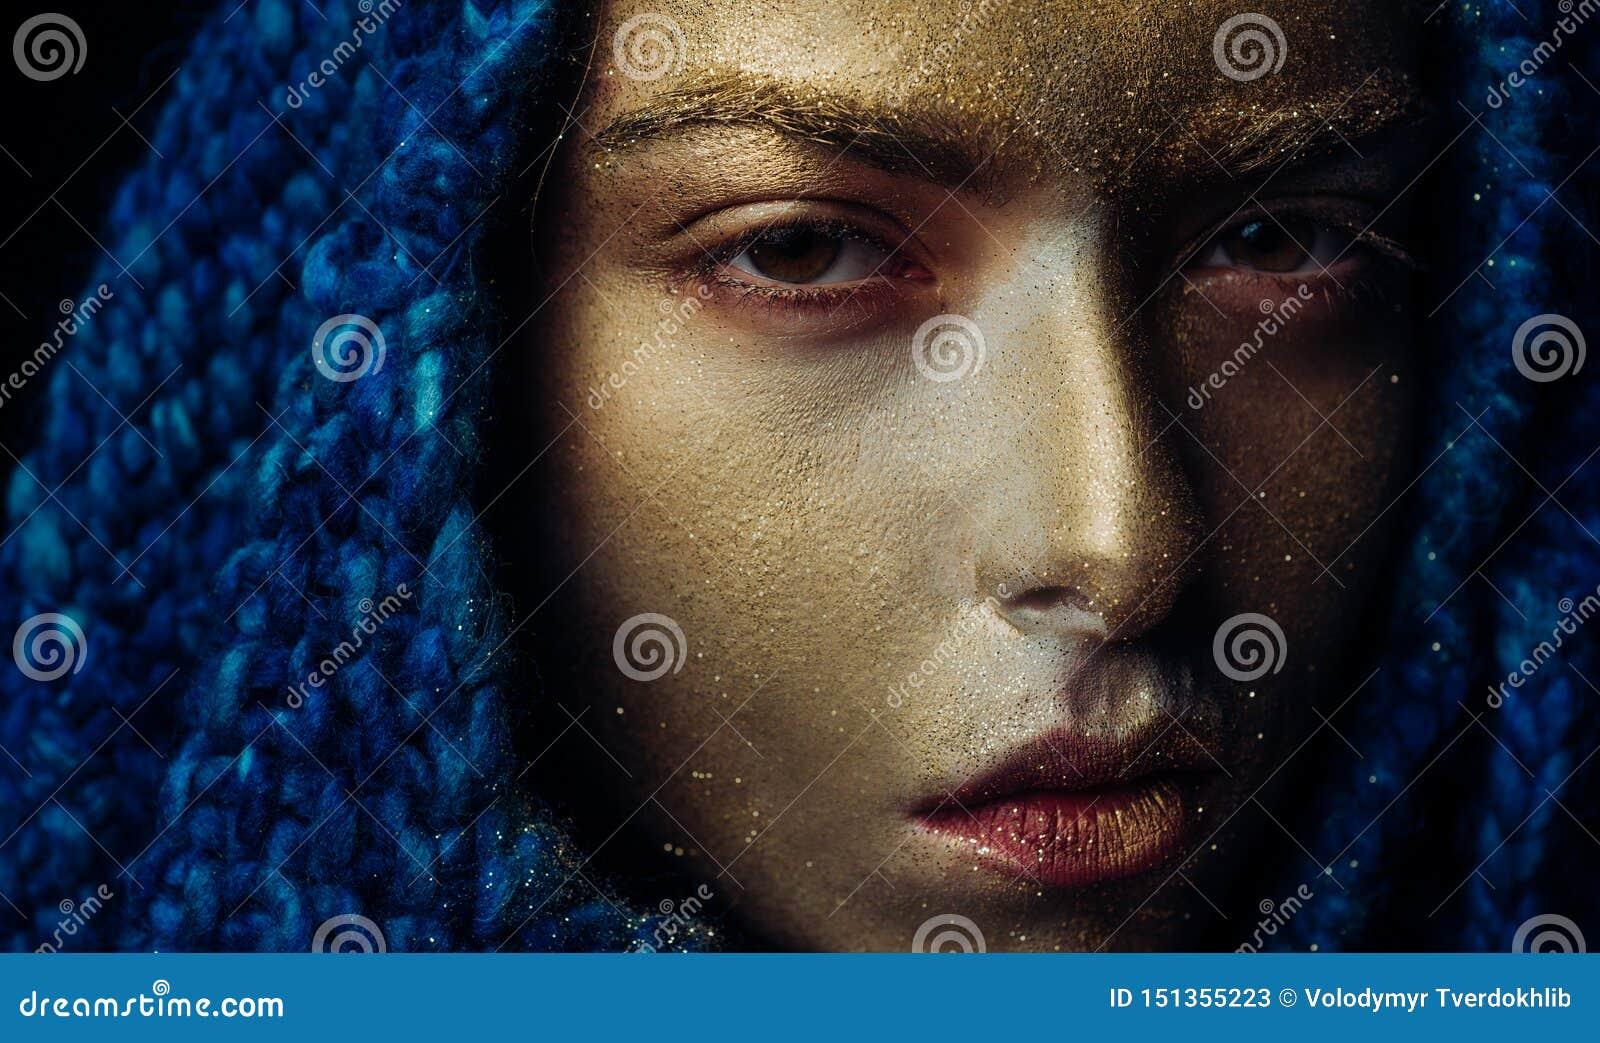 Ren guld Vogue begrepp guld- hud N?tt framsida f?r attraktiv kvinna med metallized f?rg f?r makeup- och kroppkonst SPA och